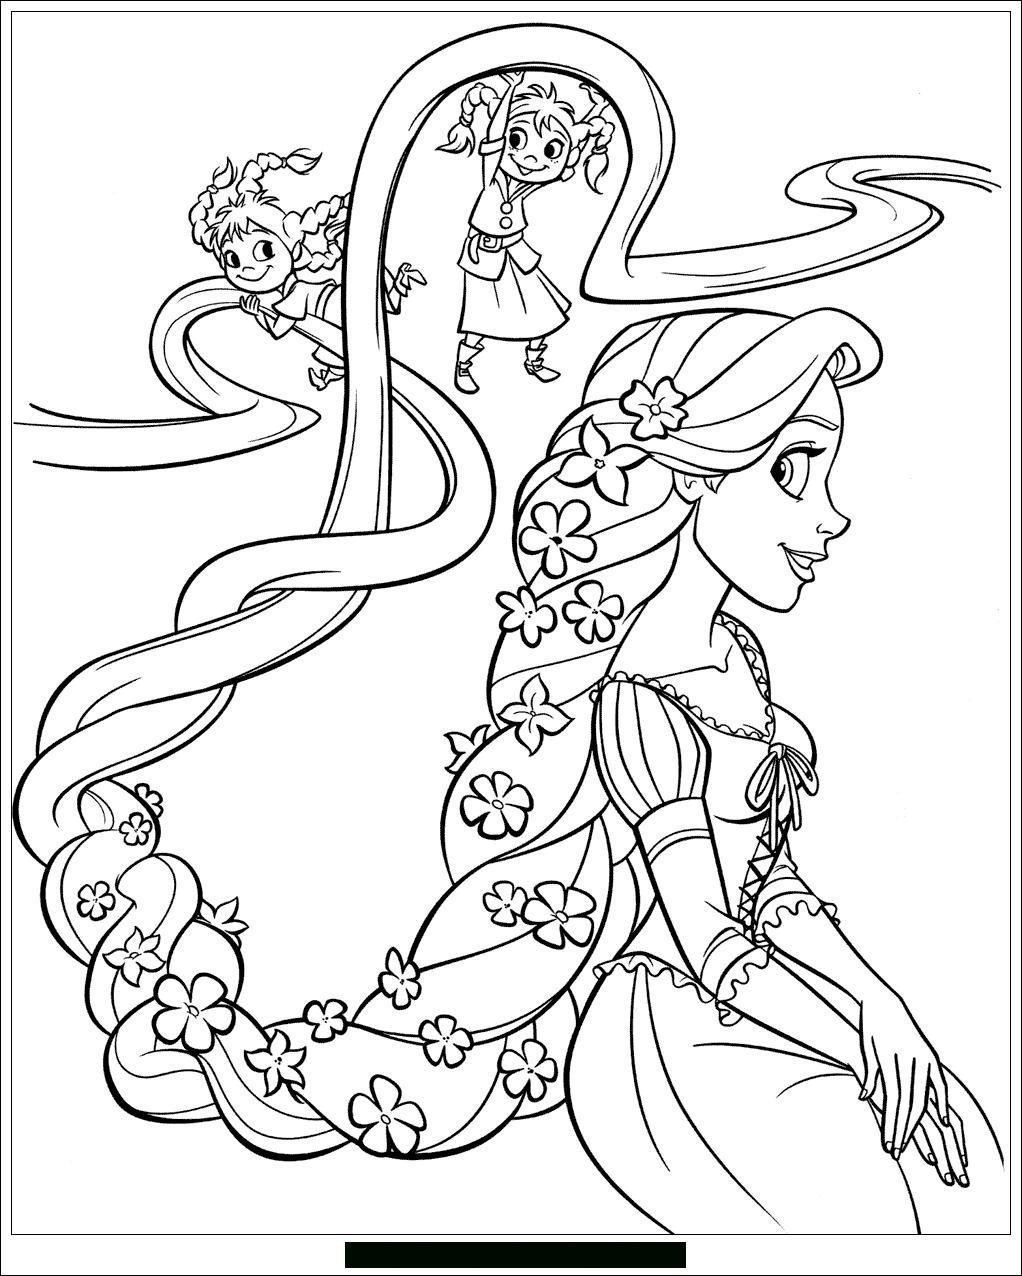 Raiponce Disney 6 - Coloriage Raiponce - Coloriages Pour à Dessin Princesse Raiponce